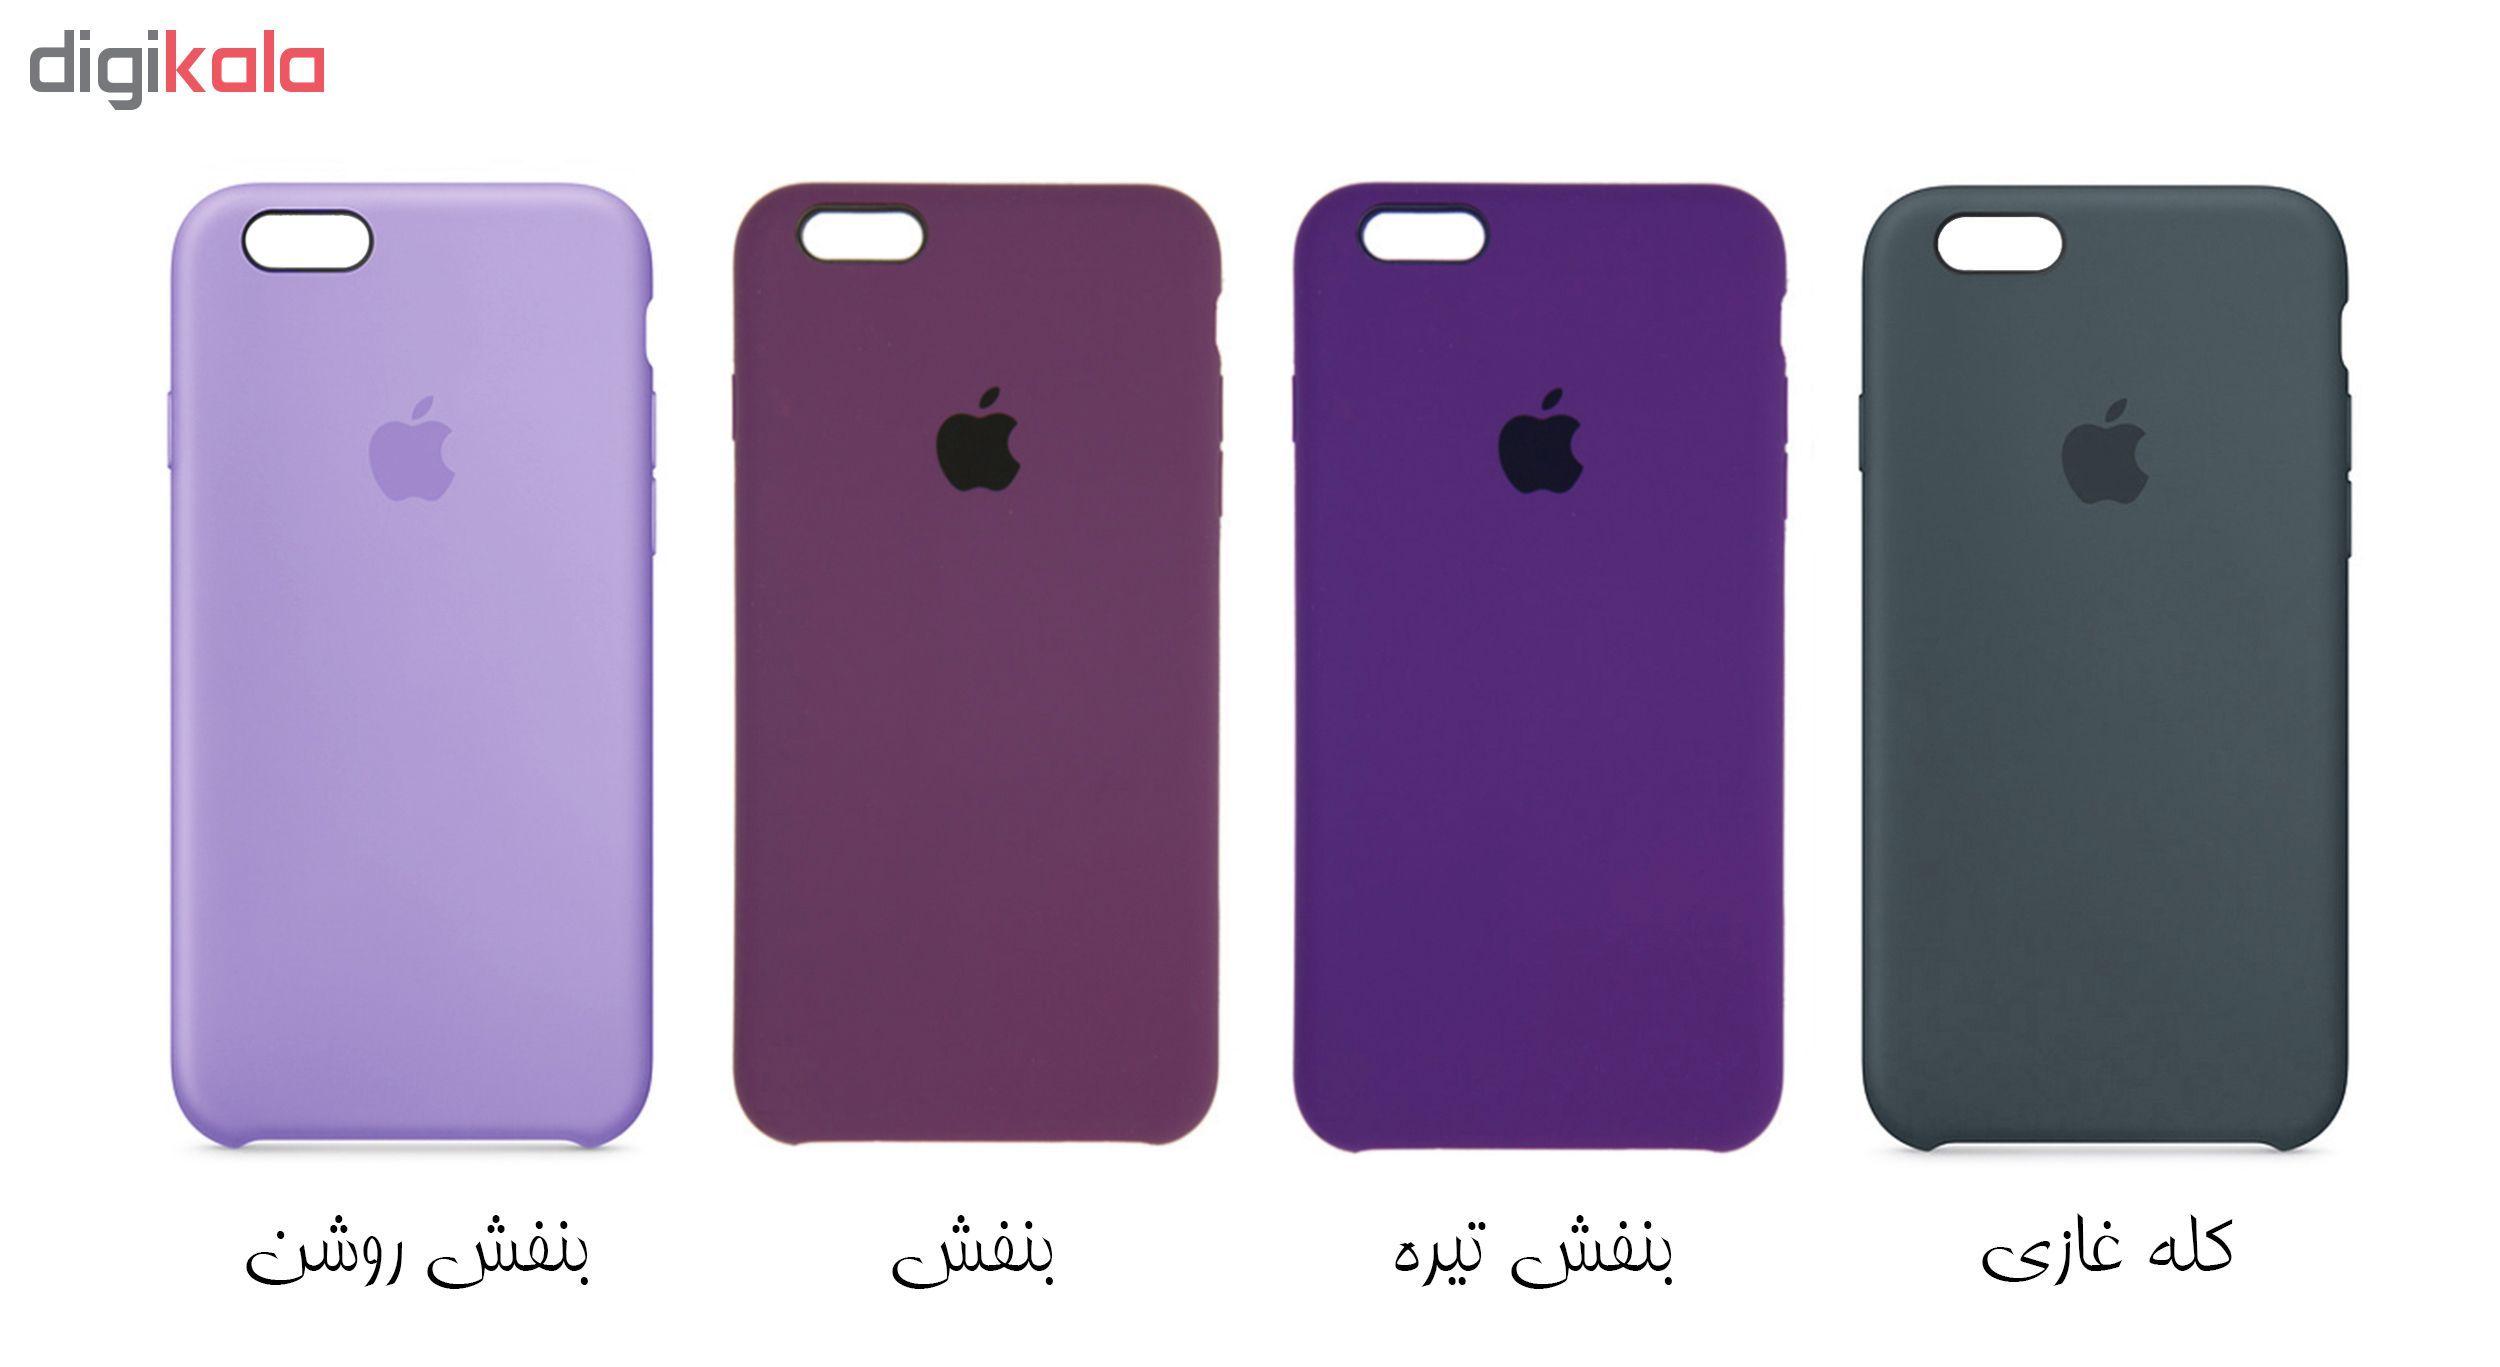 کاور مدل SlC مناسب برای گوشی موبایل آیفون 6/6s main 1 14